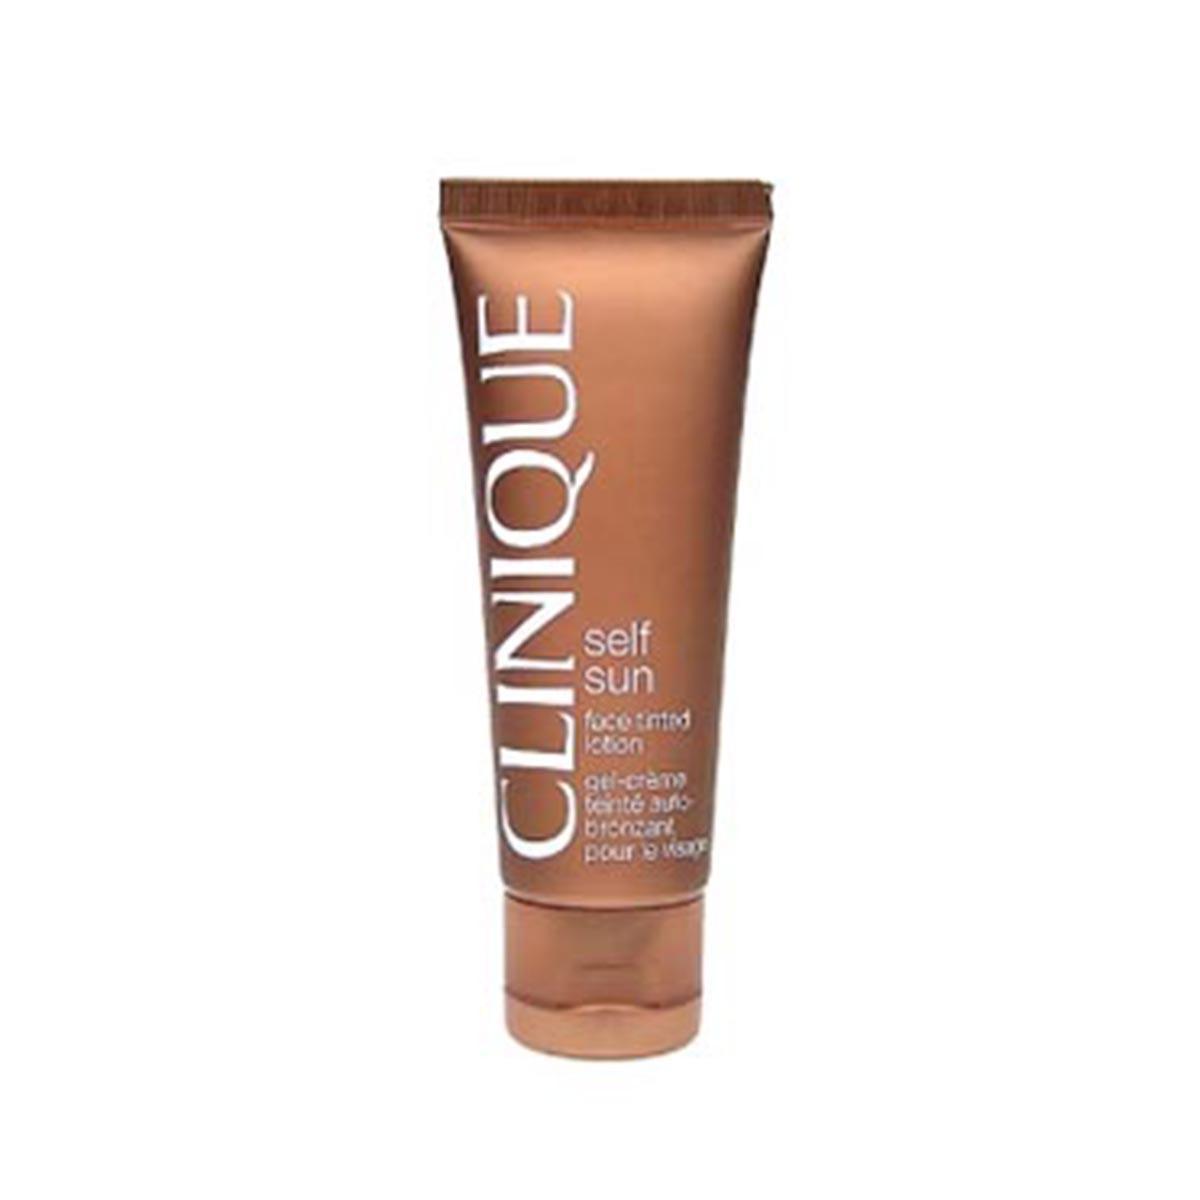 Cuidado de la piel Clinique Self Sun Face Tinted Lotion 50 Ml